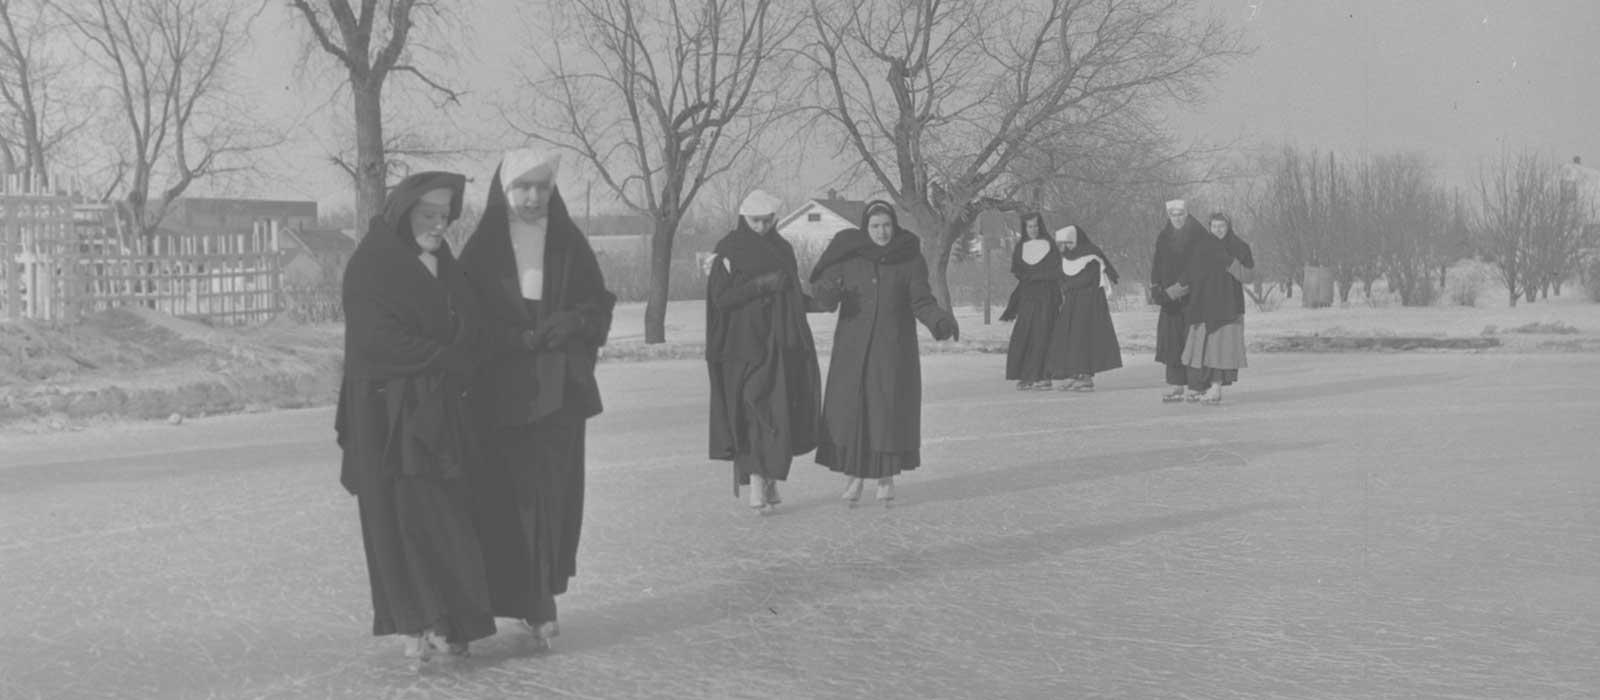 Nuns Ice Skating - Winter